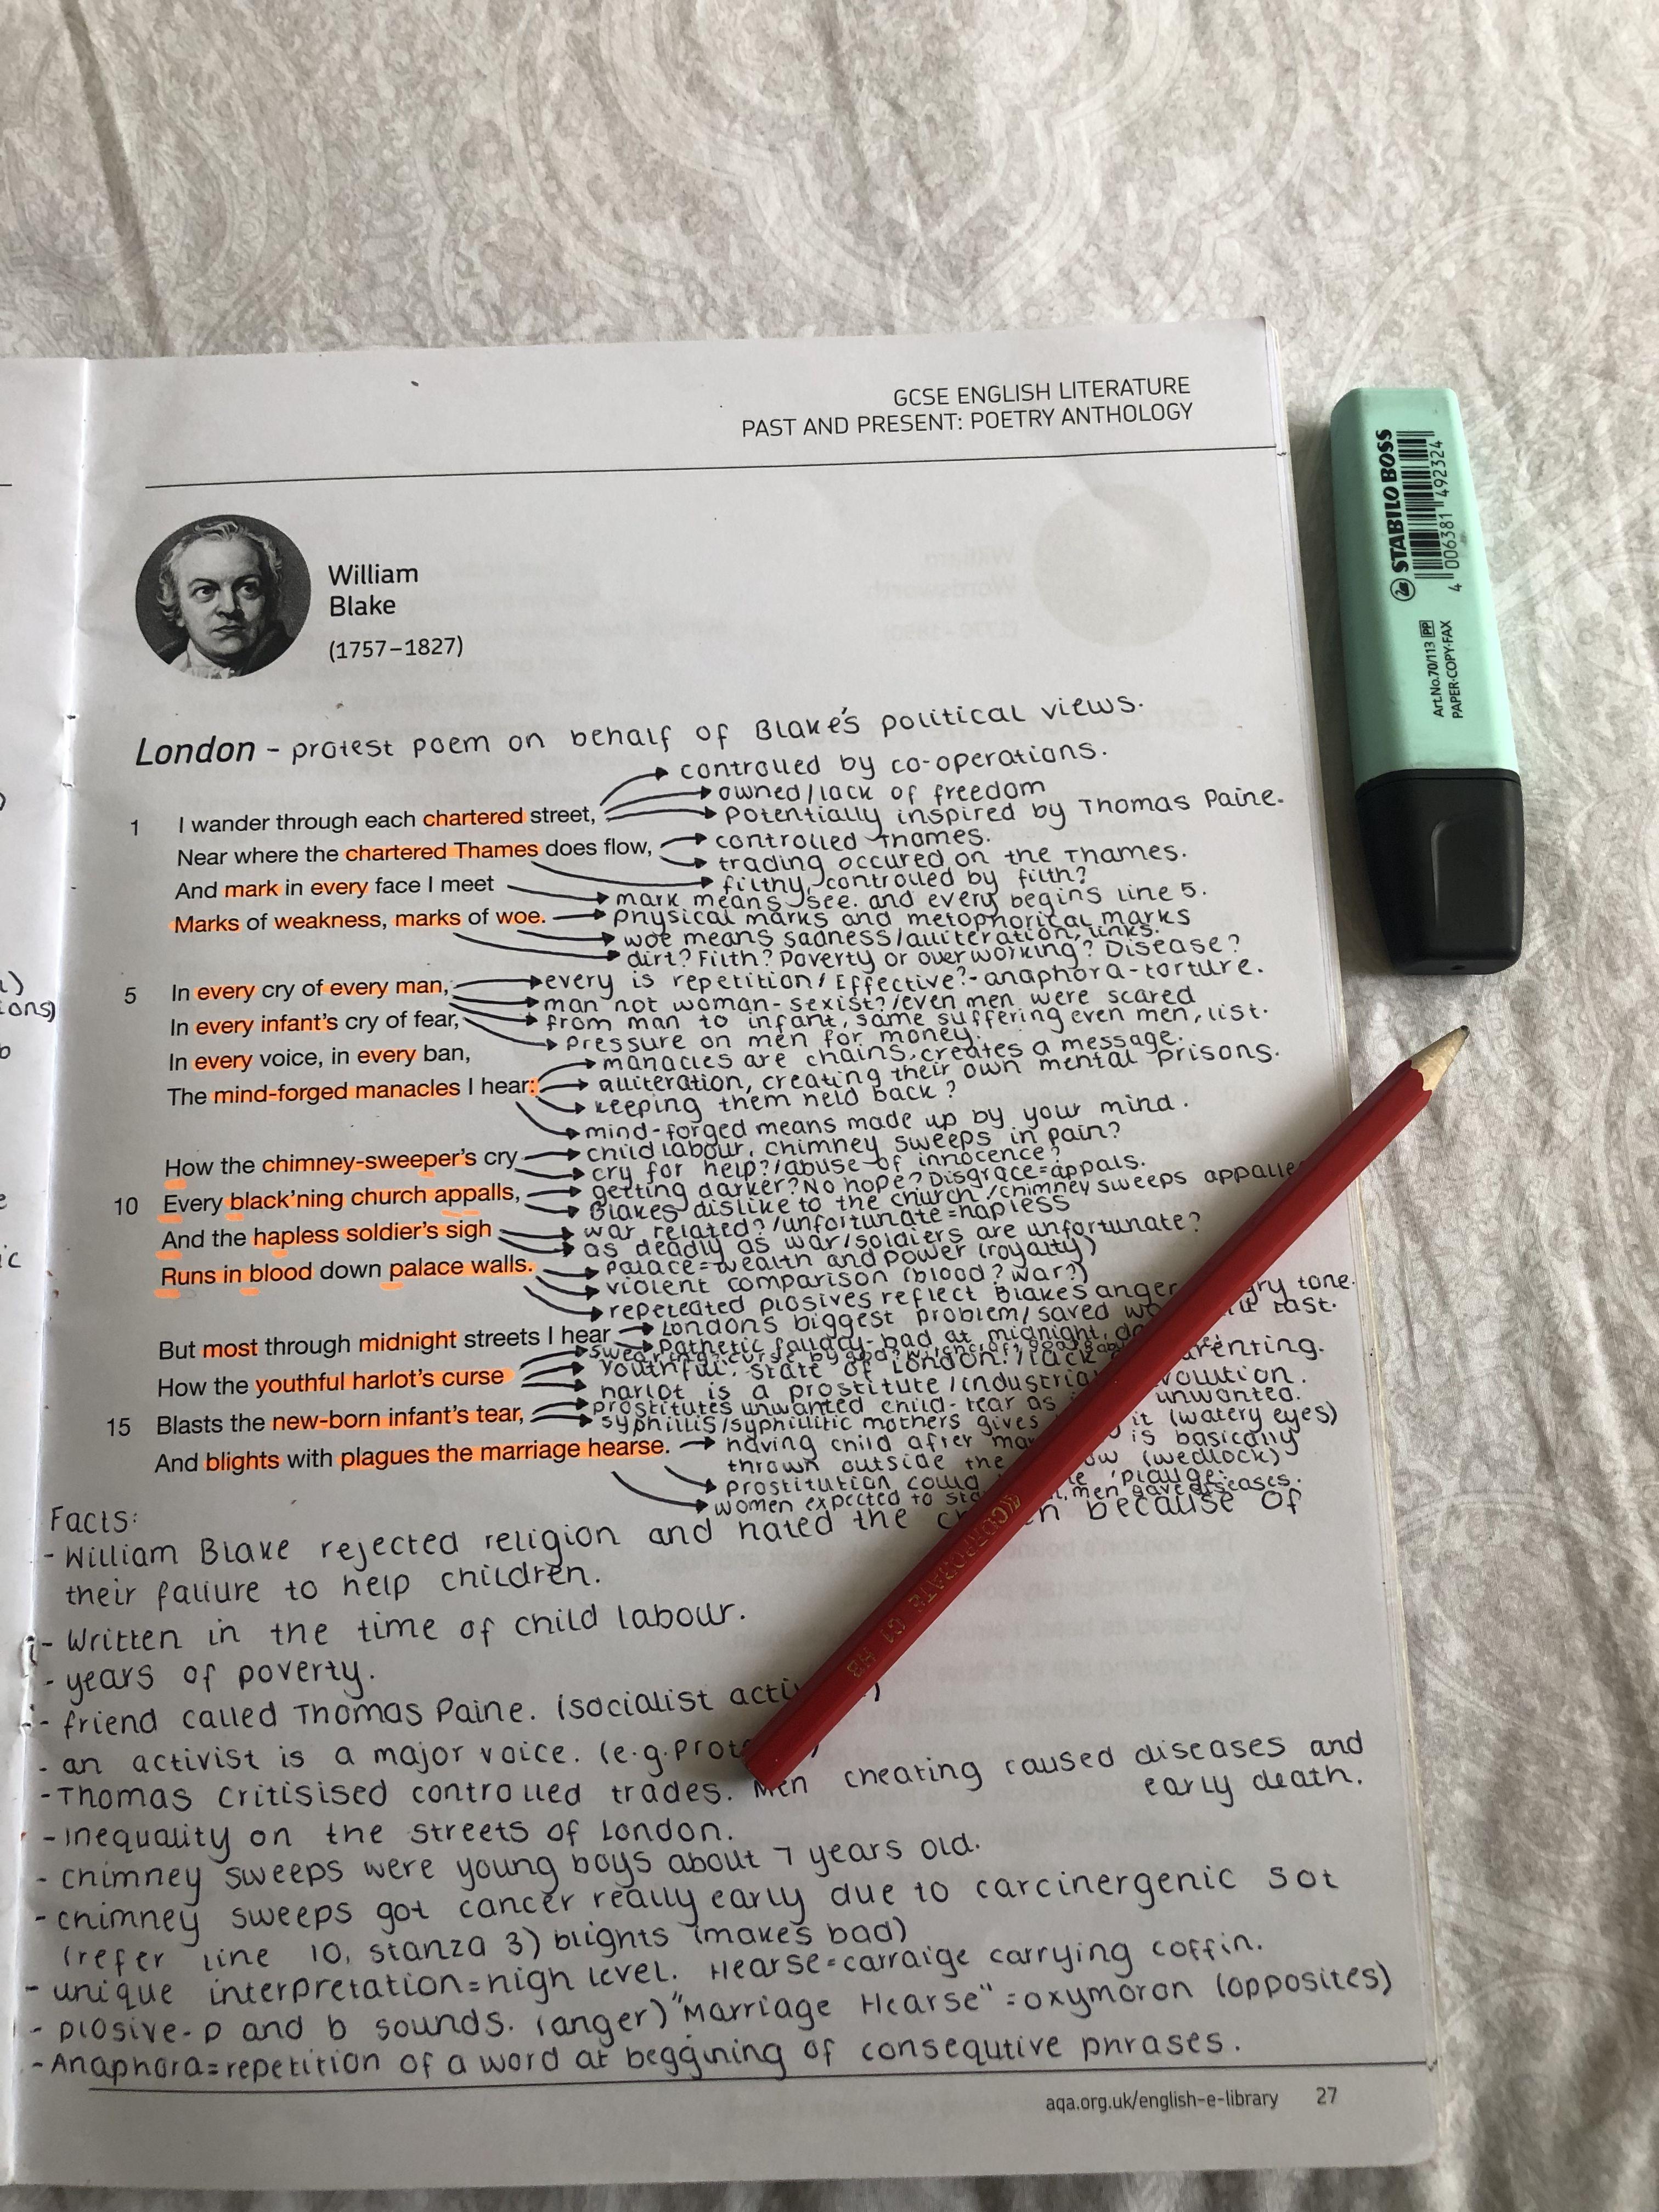 Anthology Post Englishgcse Englishlit Gcse2019 Gcse2020 Ozymandia London Williamblake Gcse English Literature Poetry Analysi Poem Analysis Summary Of The By Shelley